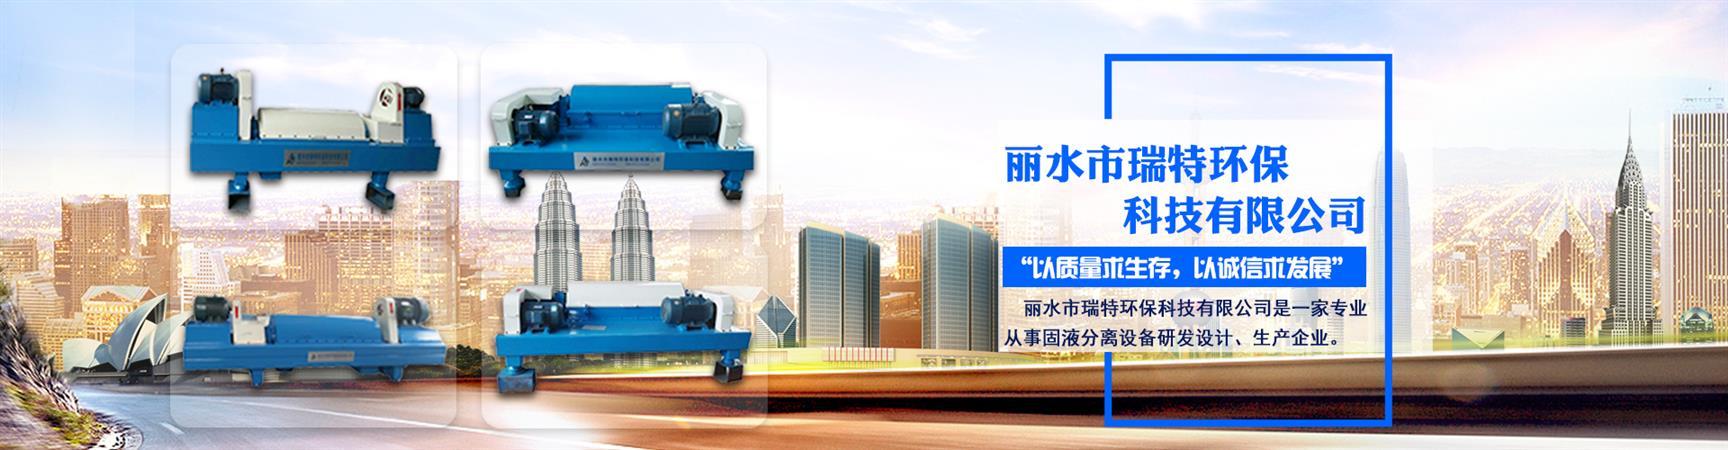 襄阳自来水厂污泥脱水设备制造厂